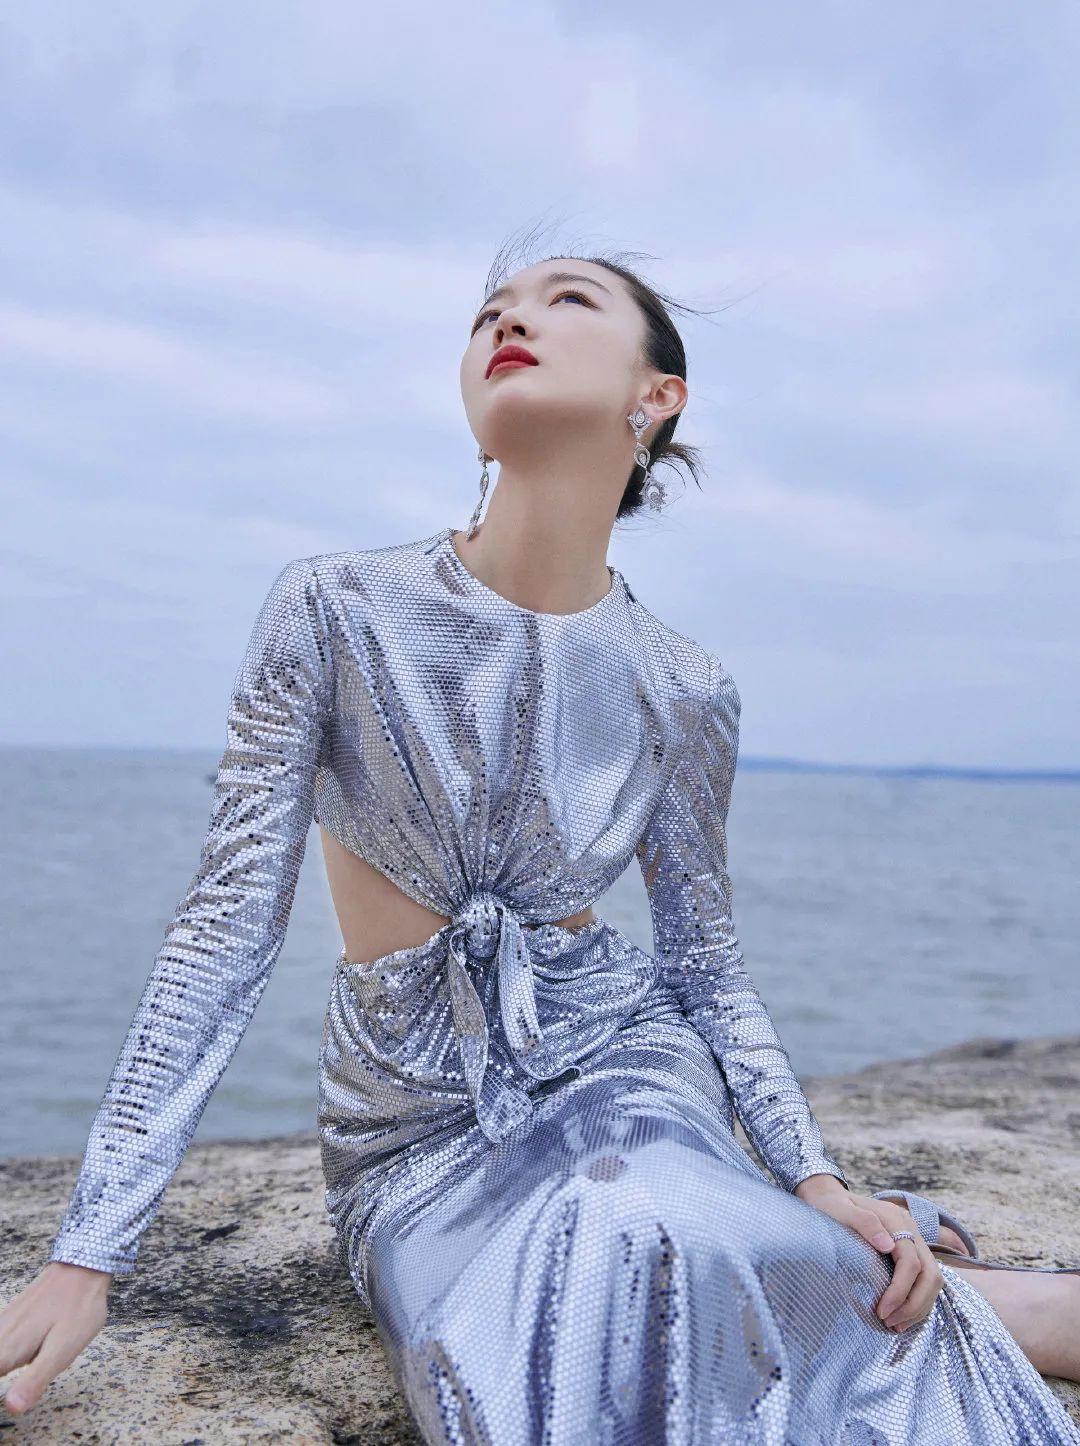 若你正需要华丽战袍大放异彩 不妨考虑金属质感服饰